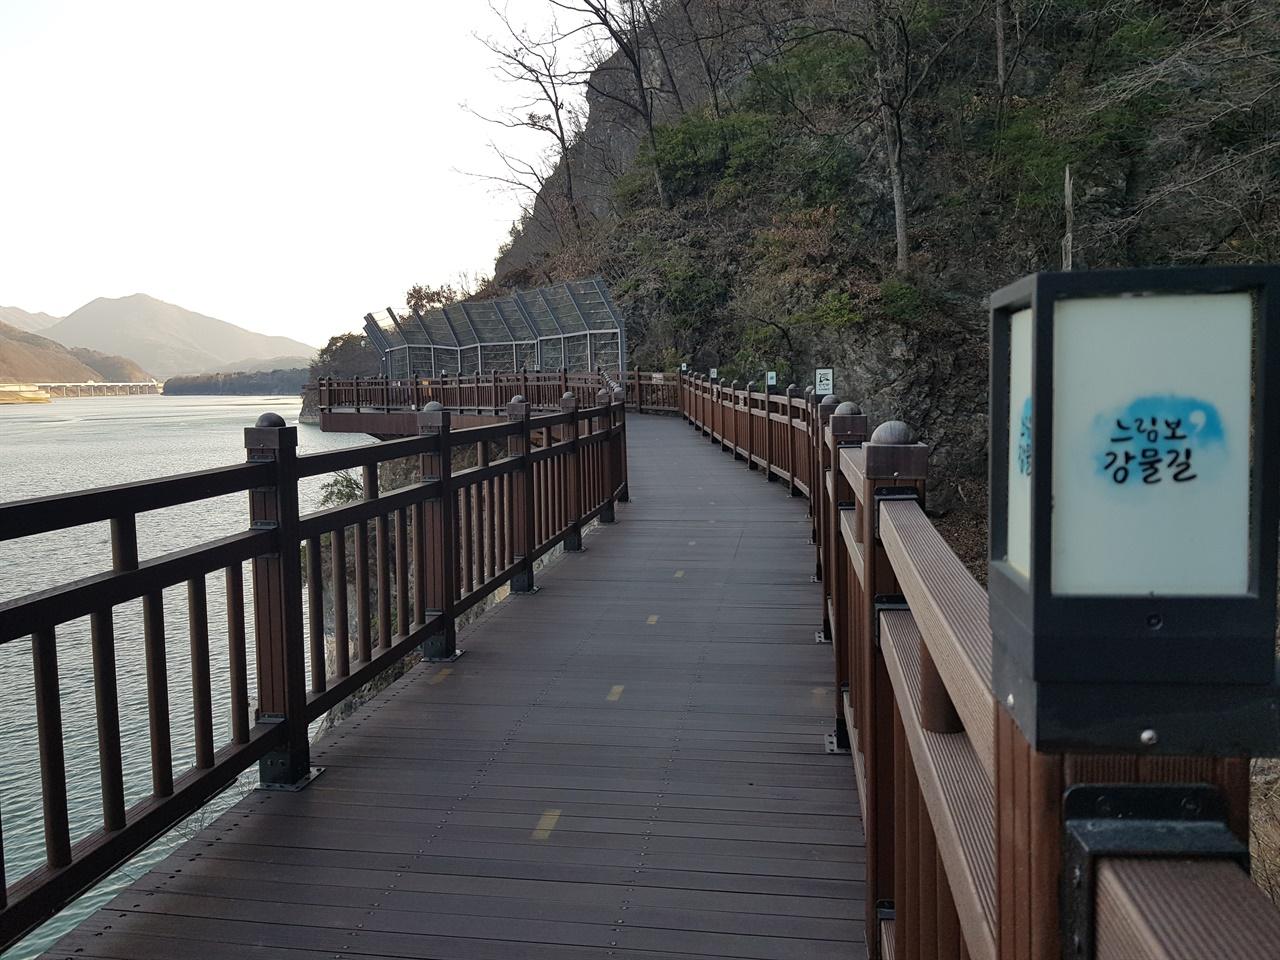 단양 잔도길 수양개역사문화길로 이어지는 단양강 잔도길은 단양강의 푸른 산과 물길이어우러진 한 폭의 그림같다.